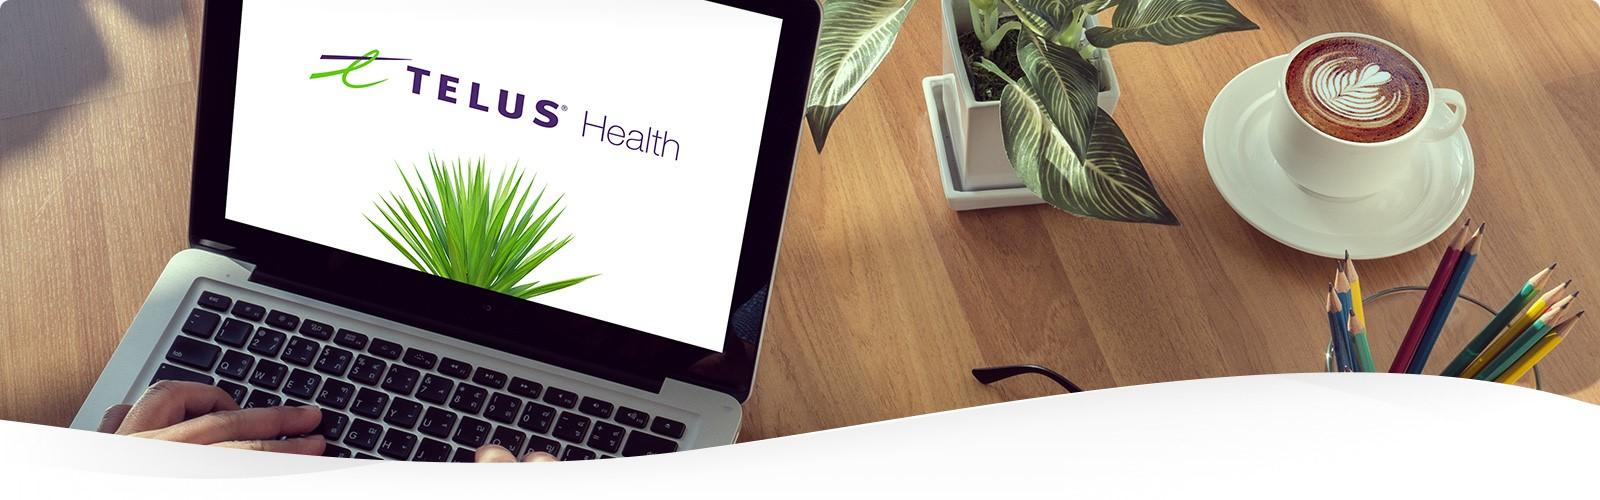 2019 TELUS Health PS Suite EMR Webinar Series